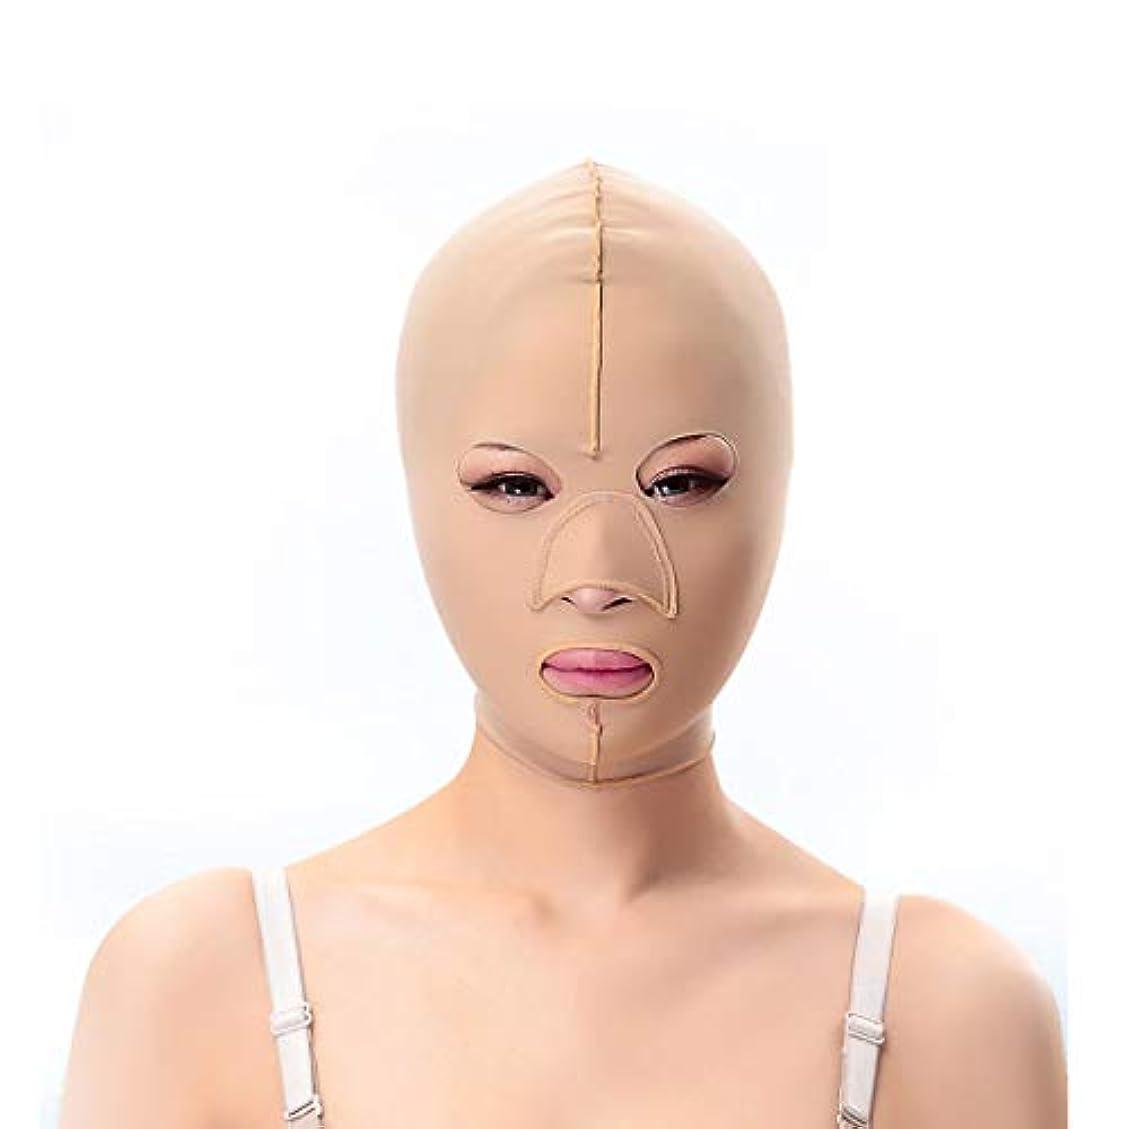 見る人ささいなましい痩身ベルト、フェイシャルマスク薄いフェイスマスクを脇に持ち上げる二重あご引き締め顔面プラスチックフェイスアーティファクト強力なフェイス包帯 (Size : S)